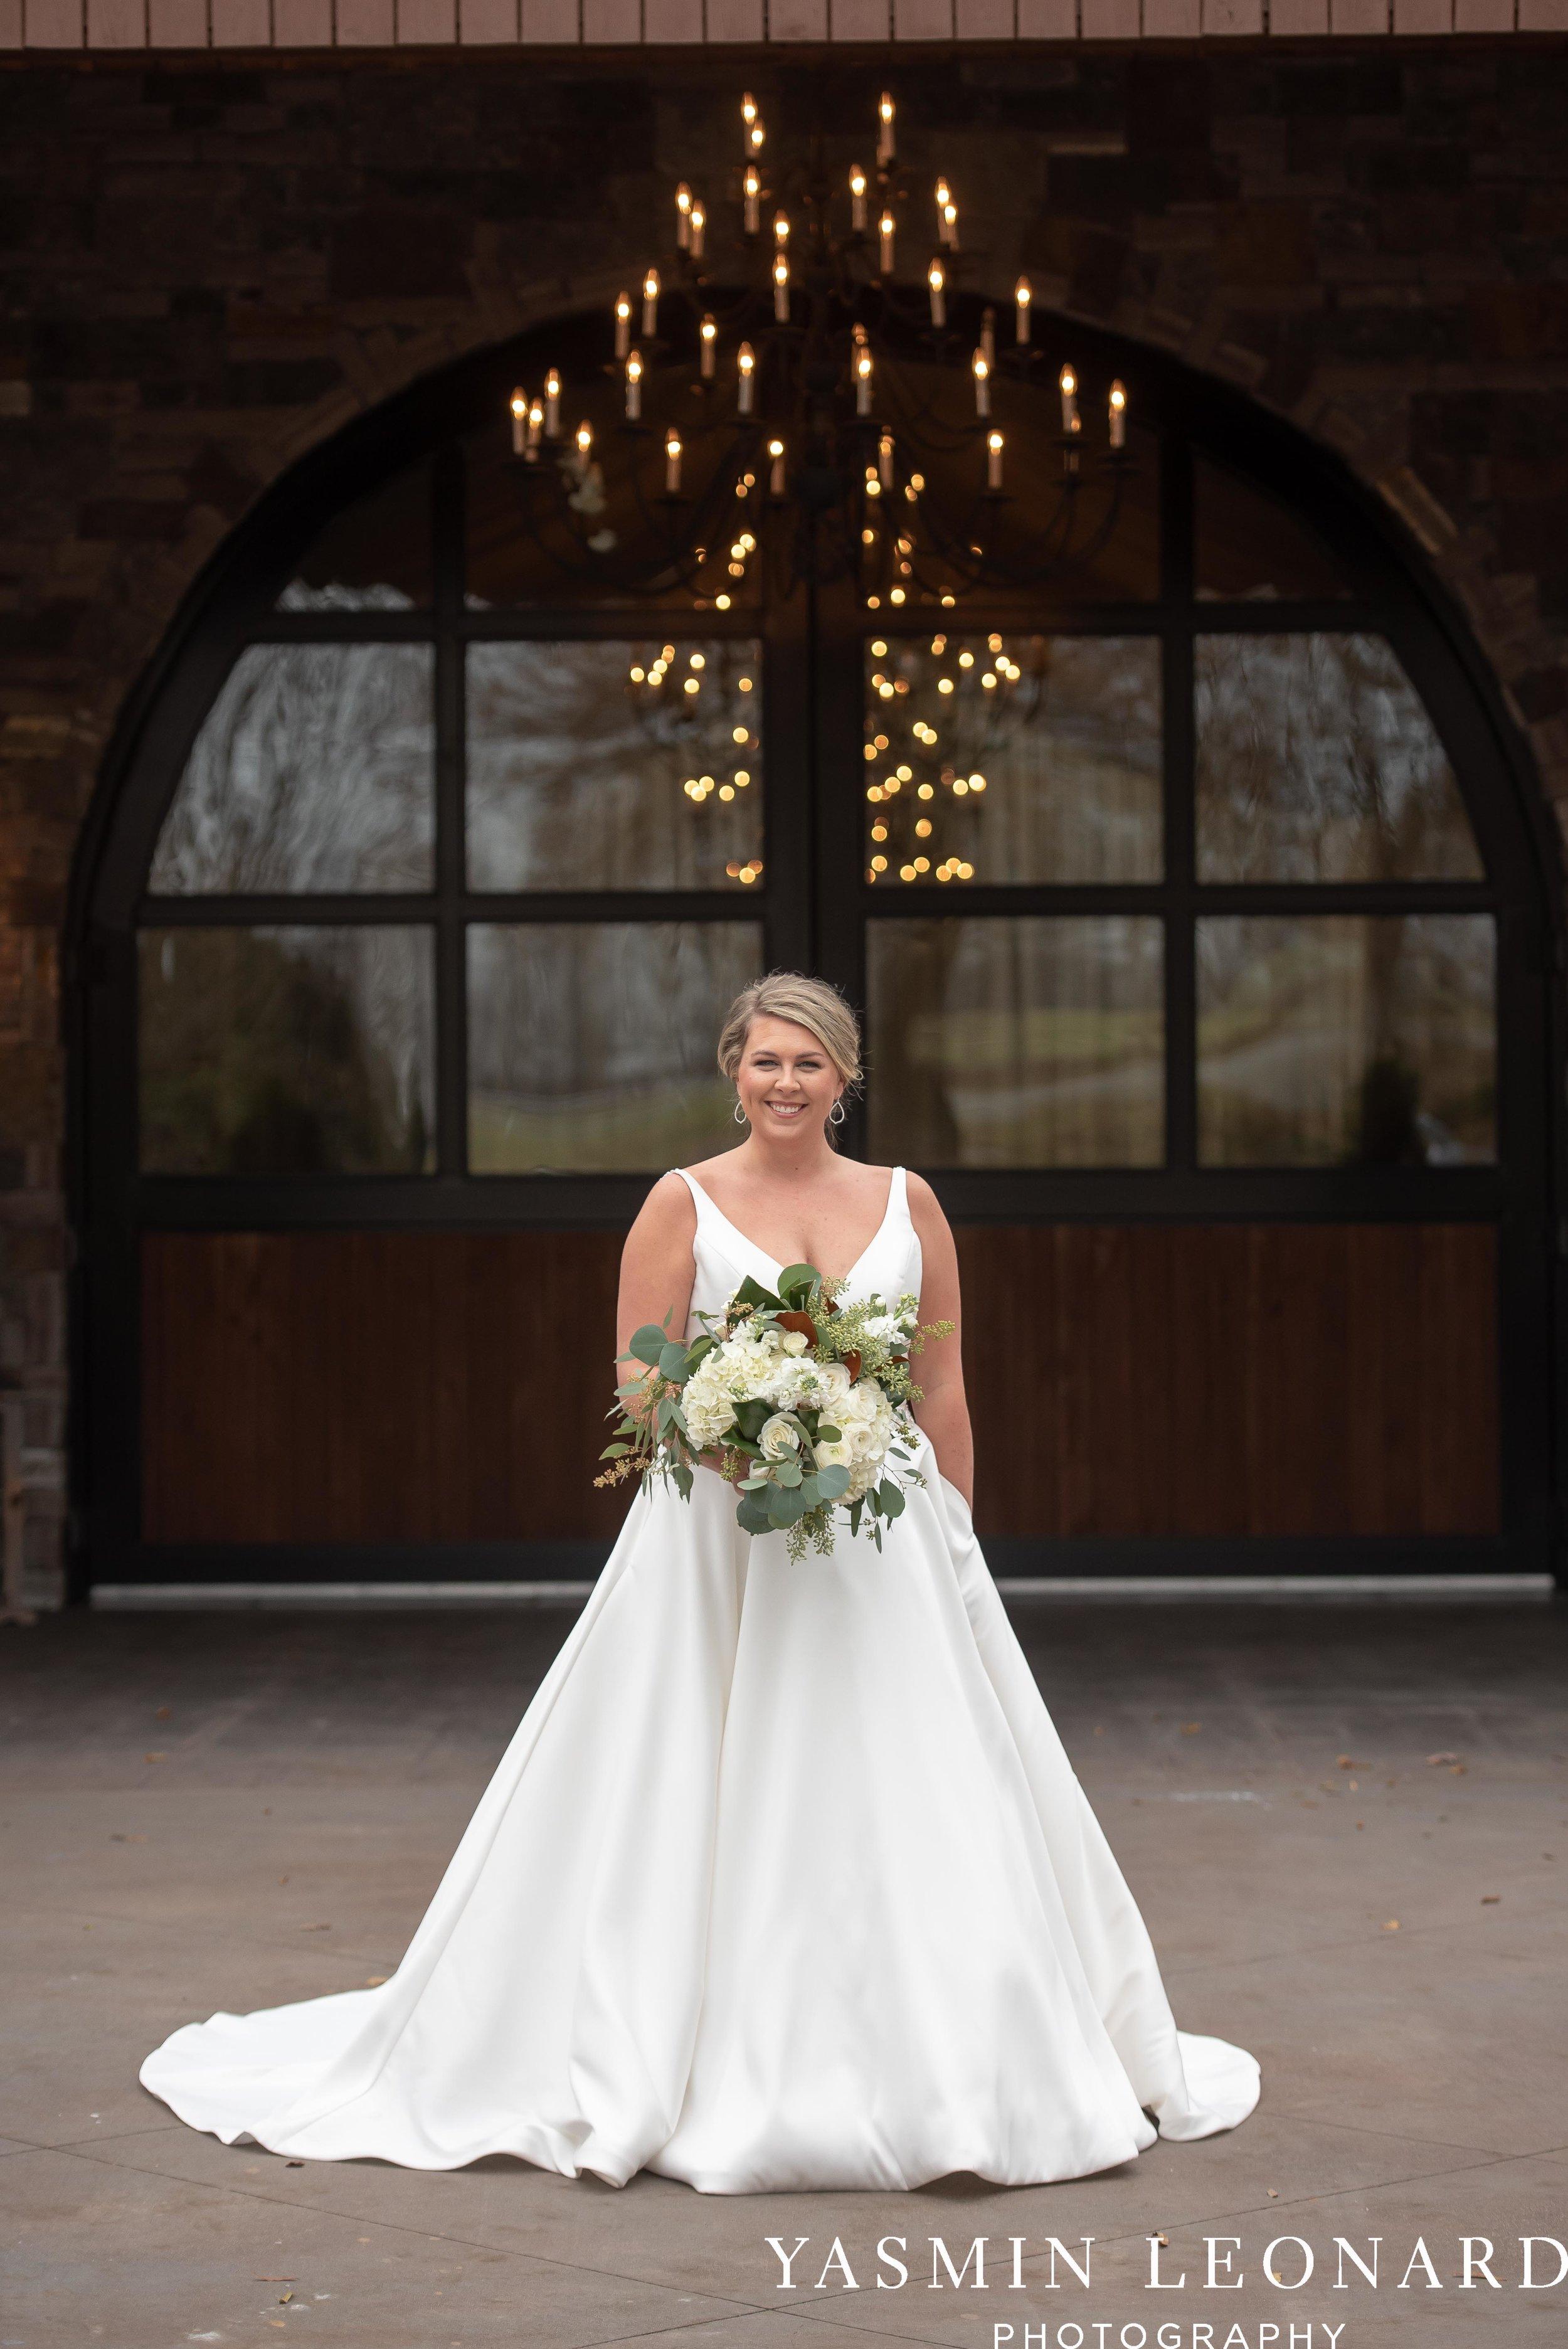 Adaumont Farm - Wesley Memorial Weddings - High Point Weddings - Just Priceless - NC Wedding Photographer - Yasmin Leonard Photography - High Point Wedding Vendors-22.jpg